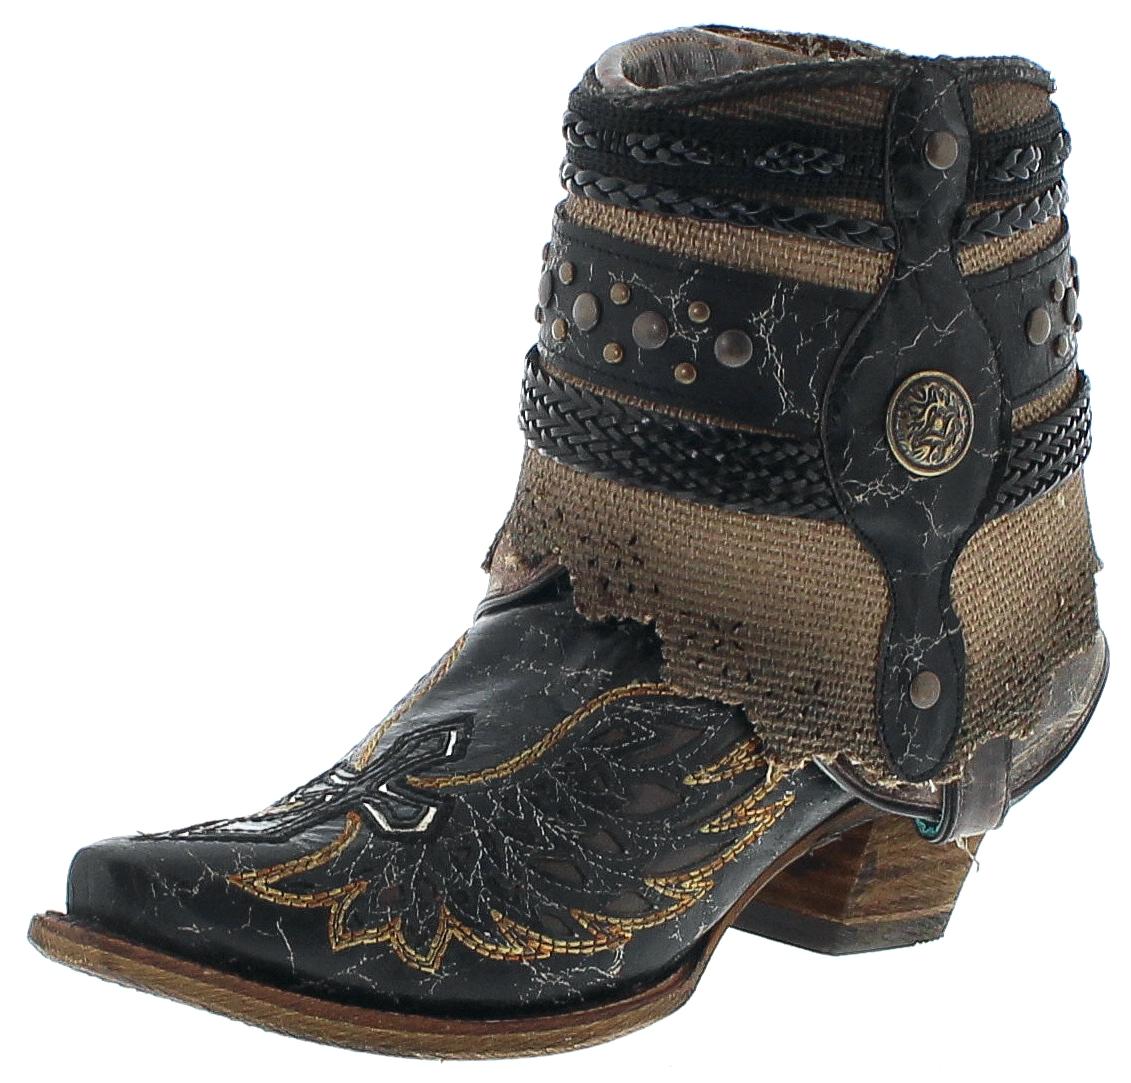 Corral Boots A3461 Black Damen Westernstiefelette - schwarz